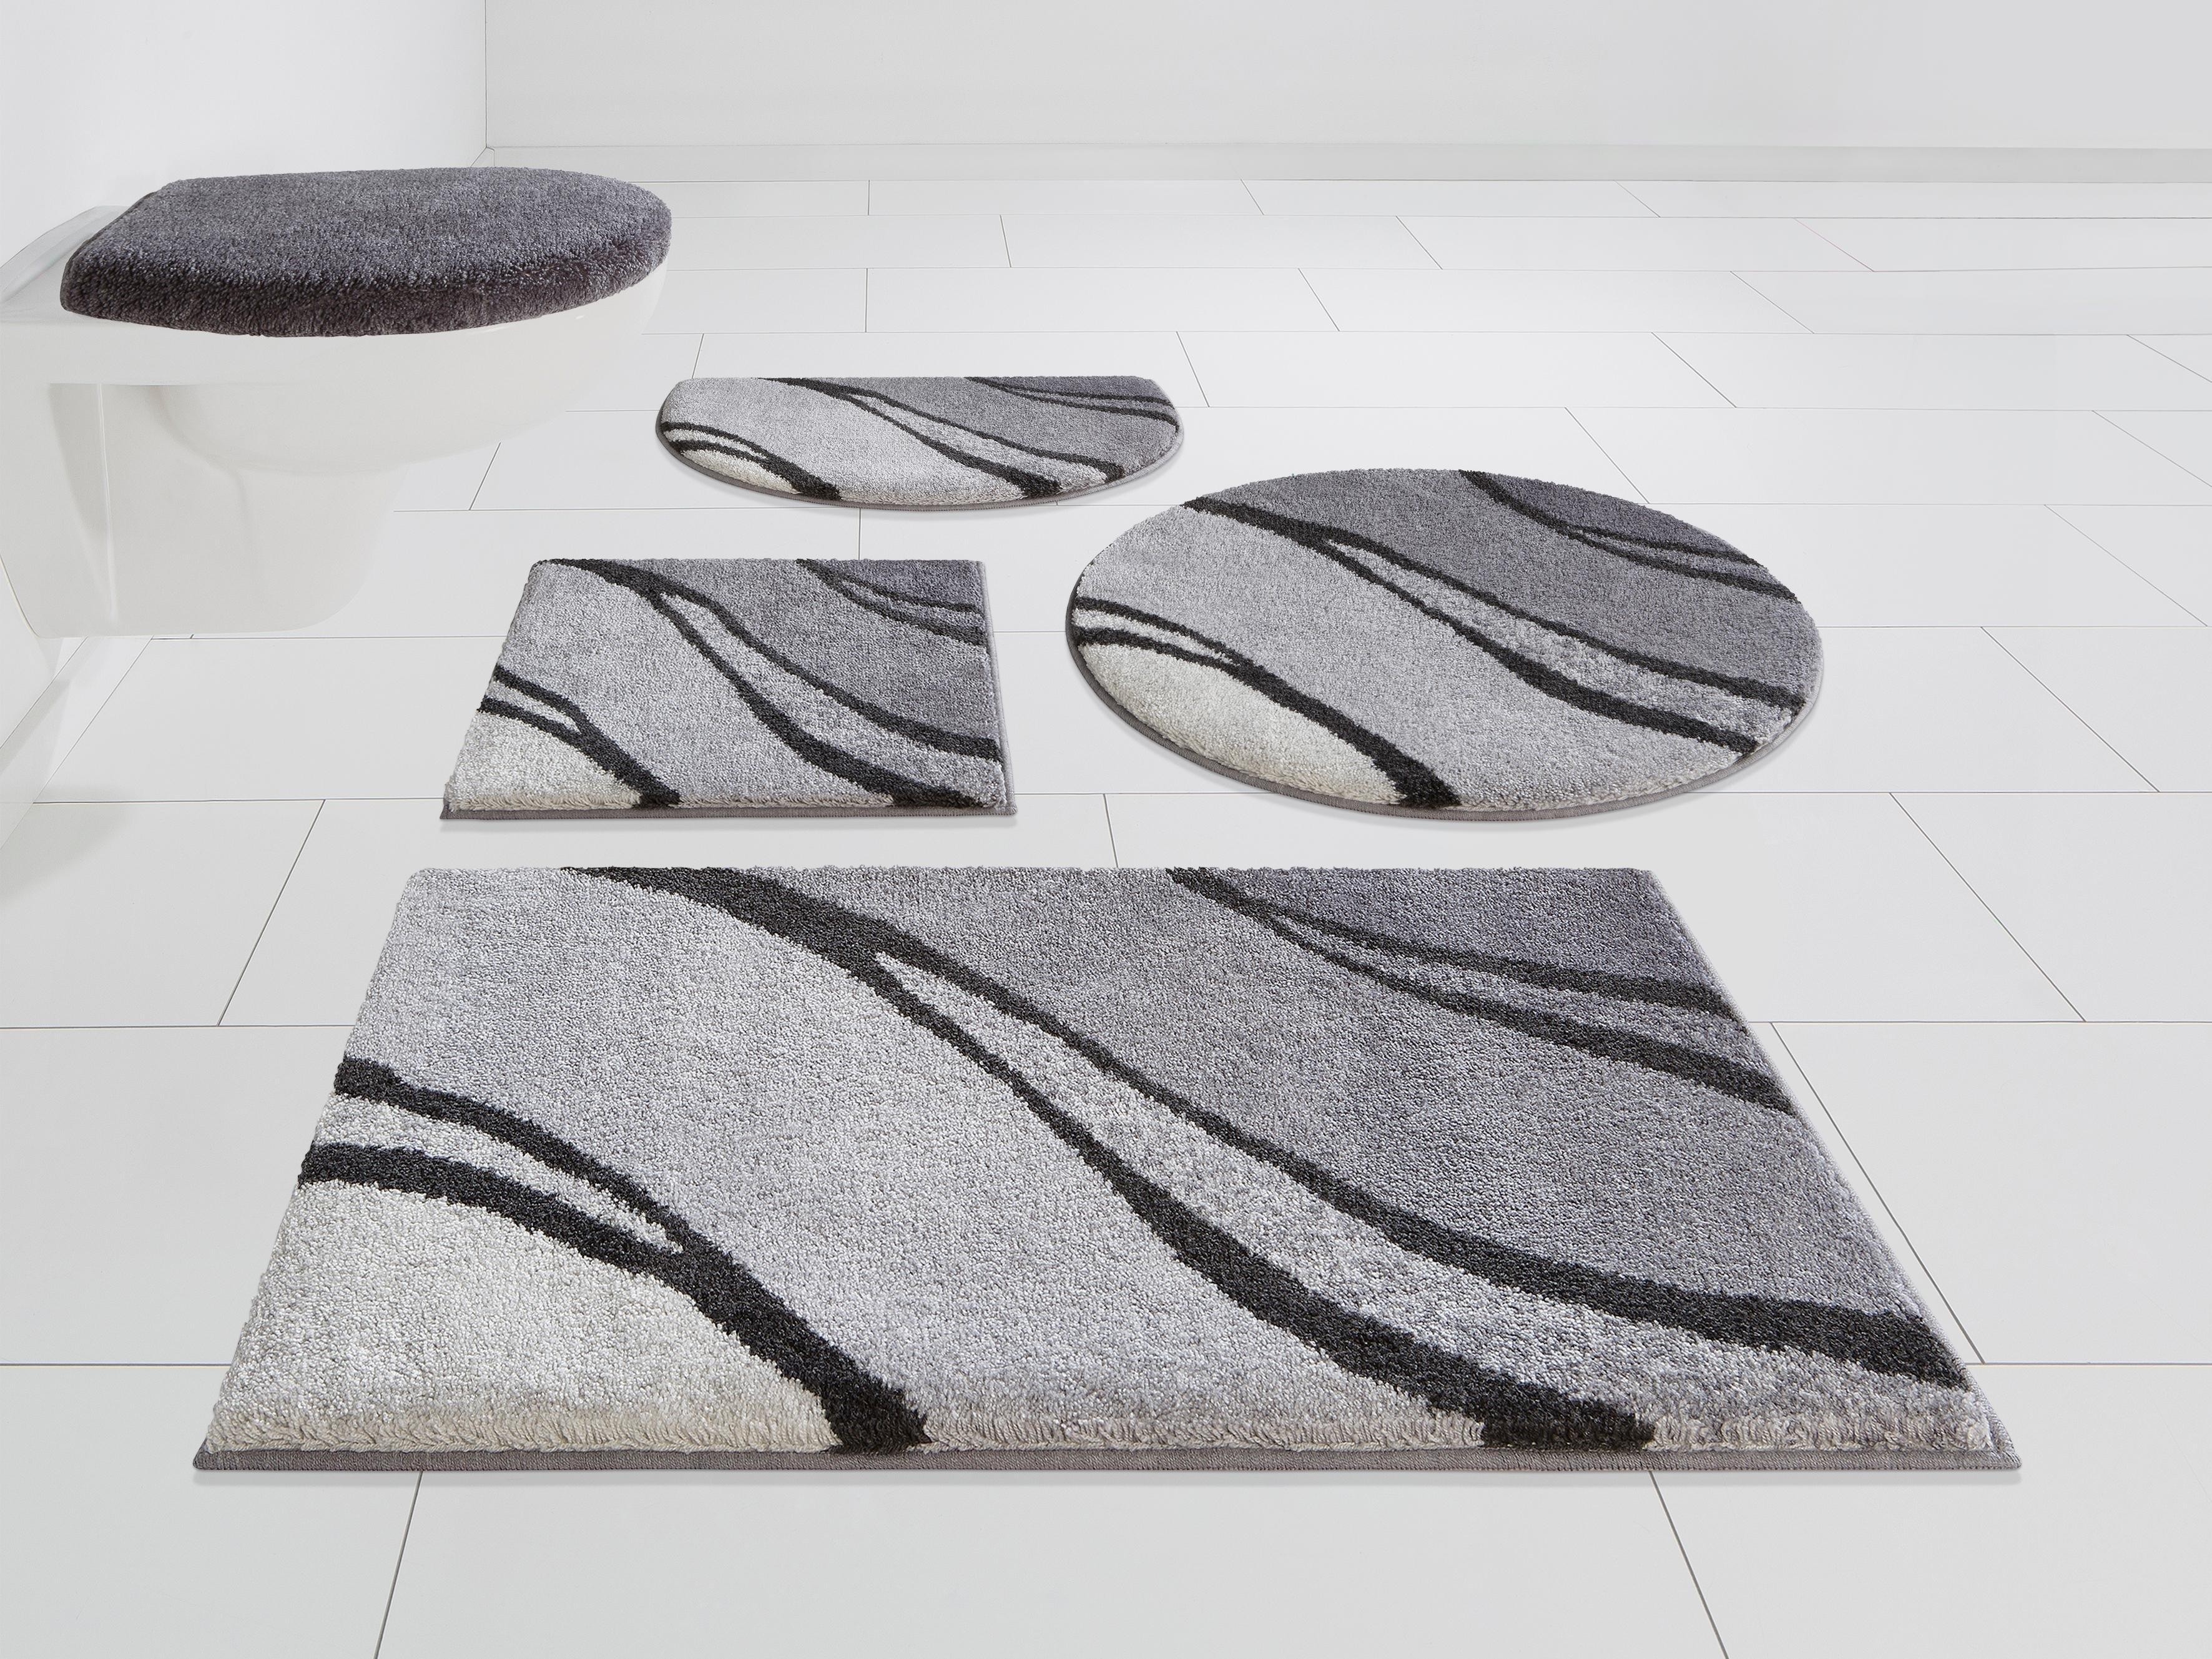 GRUND exklusiv Badmat »Reno«, hoogte 20 mm, met antislip-coating, geschikt voor vloerverwarming - verschillende betaalmethodes